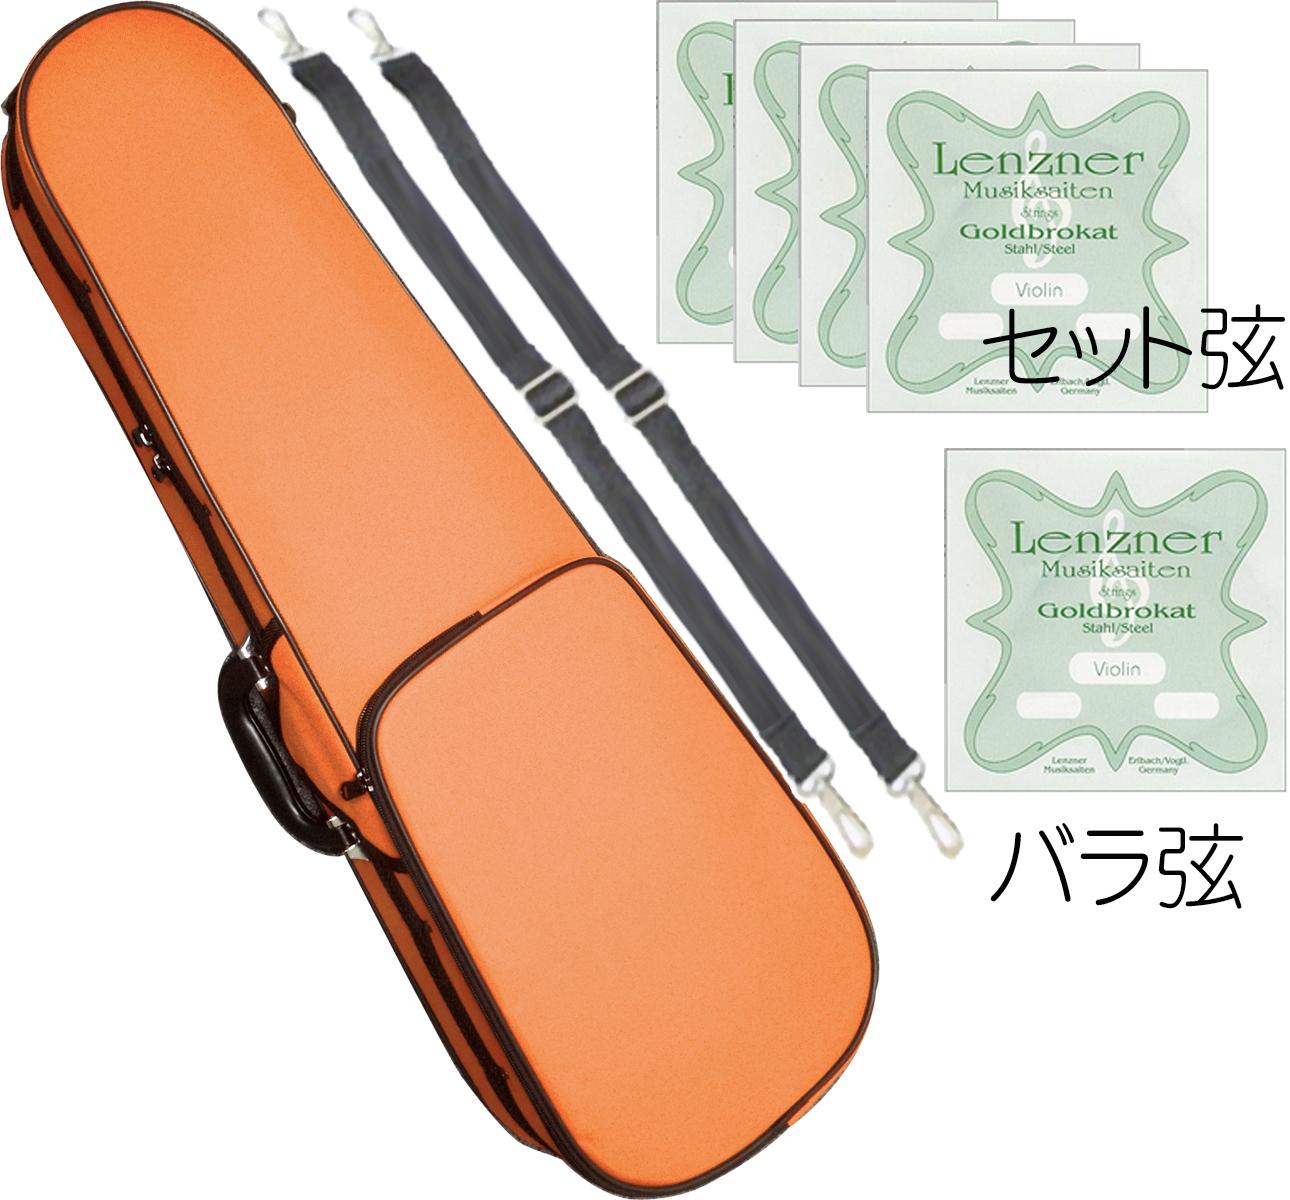 CarloGiordano ( カルロジョルダーノ ) 1/2 TRC-100C 0.26ボール】 オレンジ 2分の1 バイオリンケース リュックタイプ ) バイオリン セミハードケース ケース violin case【 TRC100C 1/2 ORG 0.26ボール】, ヤカゲチョウ:6558f471 --- officewill.xsrv.jp